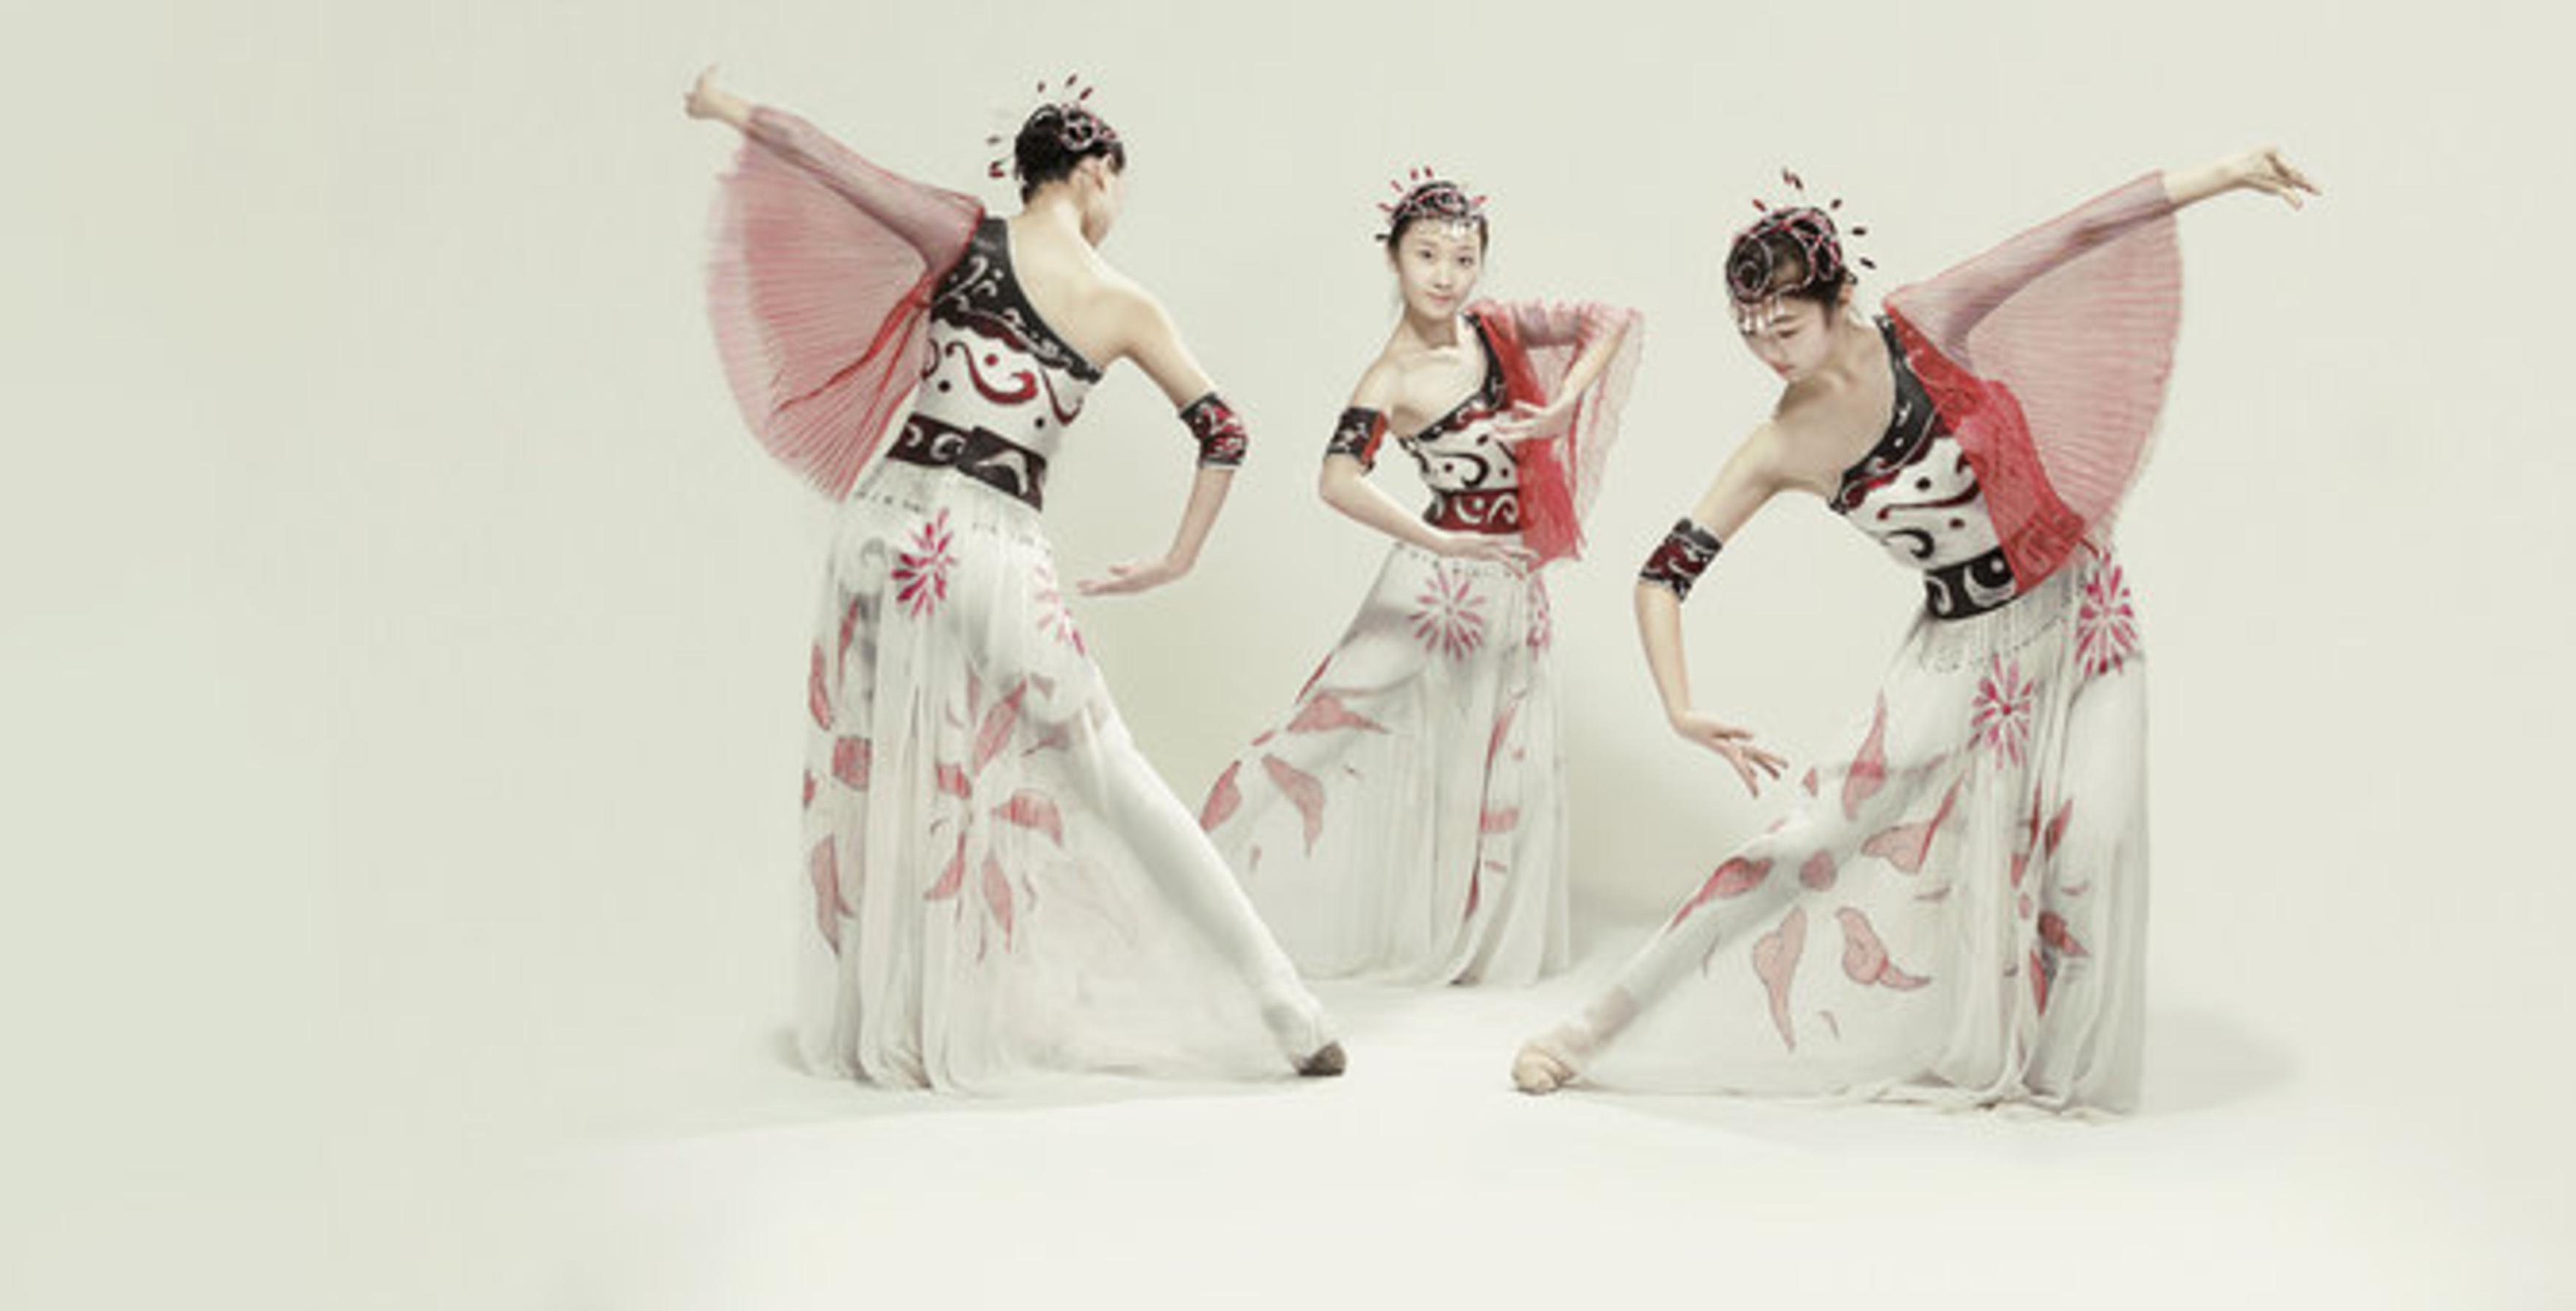 M/ Artistic dance fashions towson